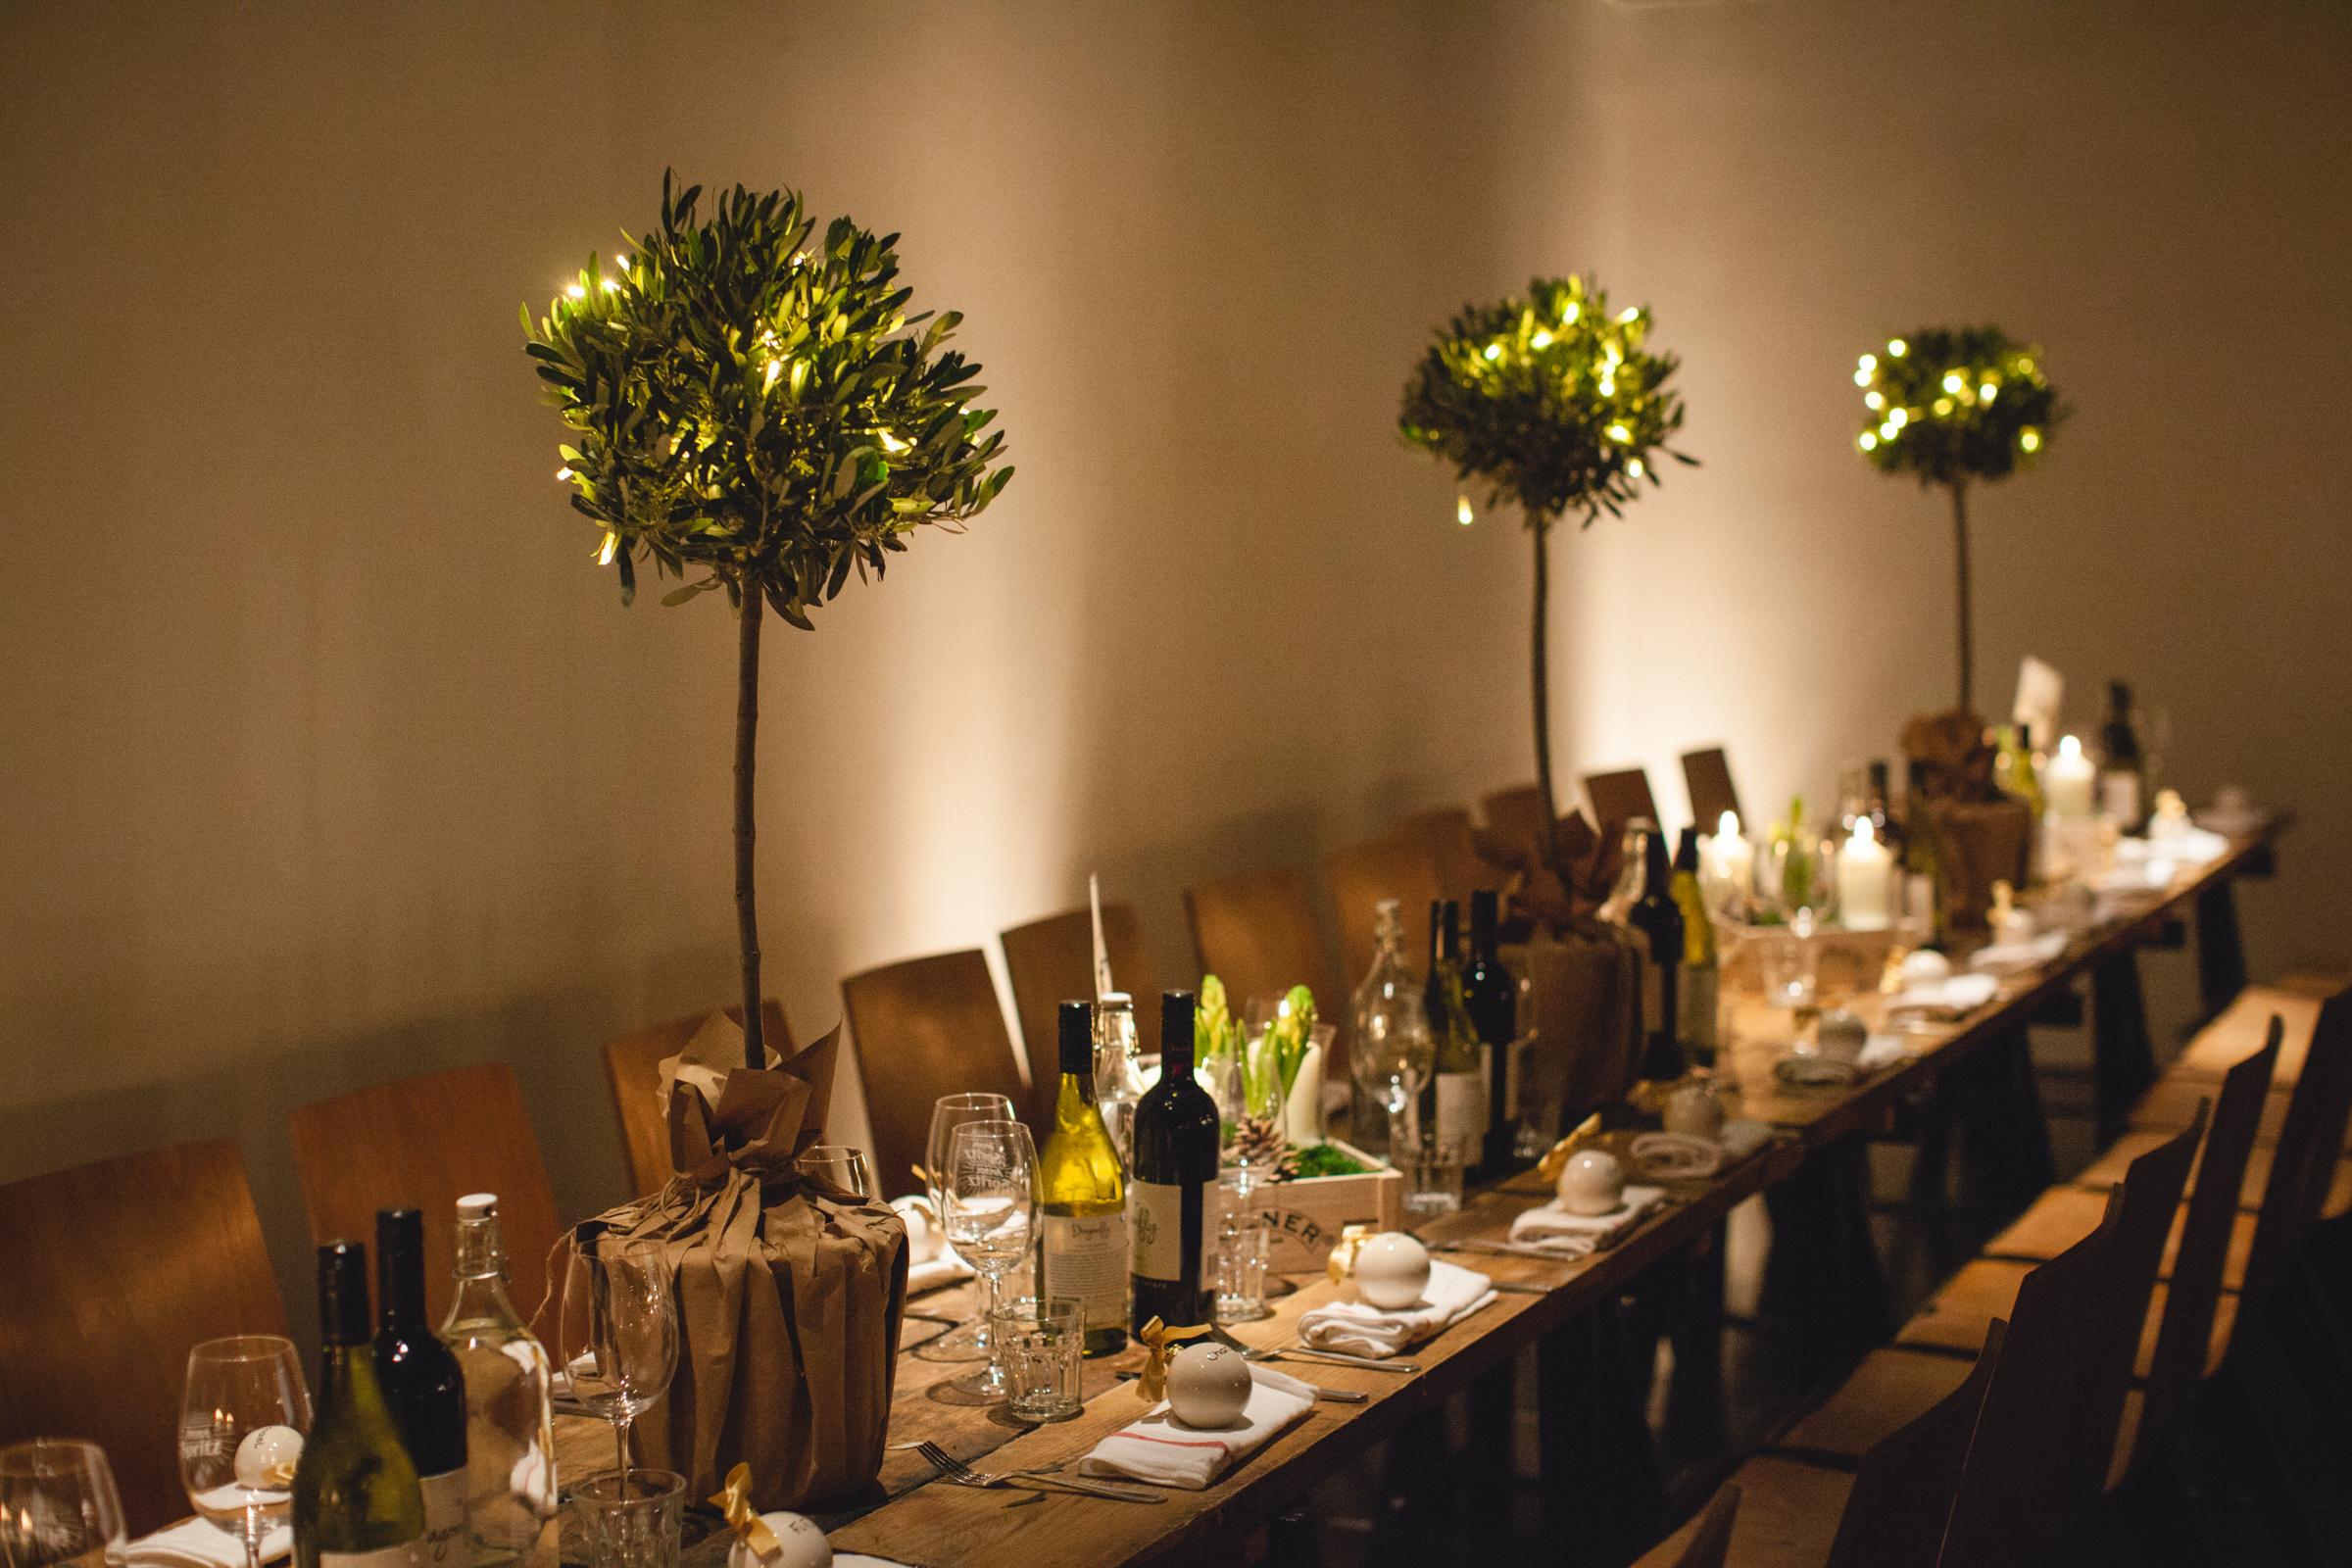 Central London wedding venue